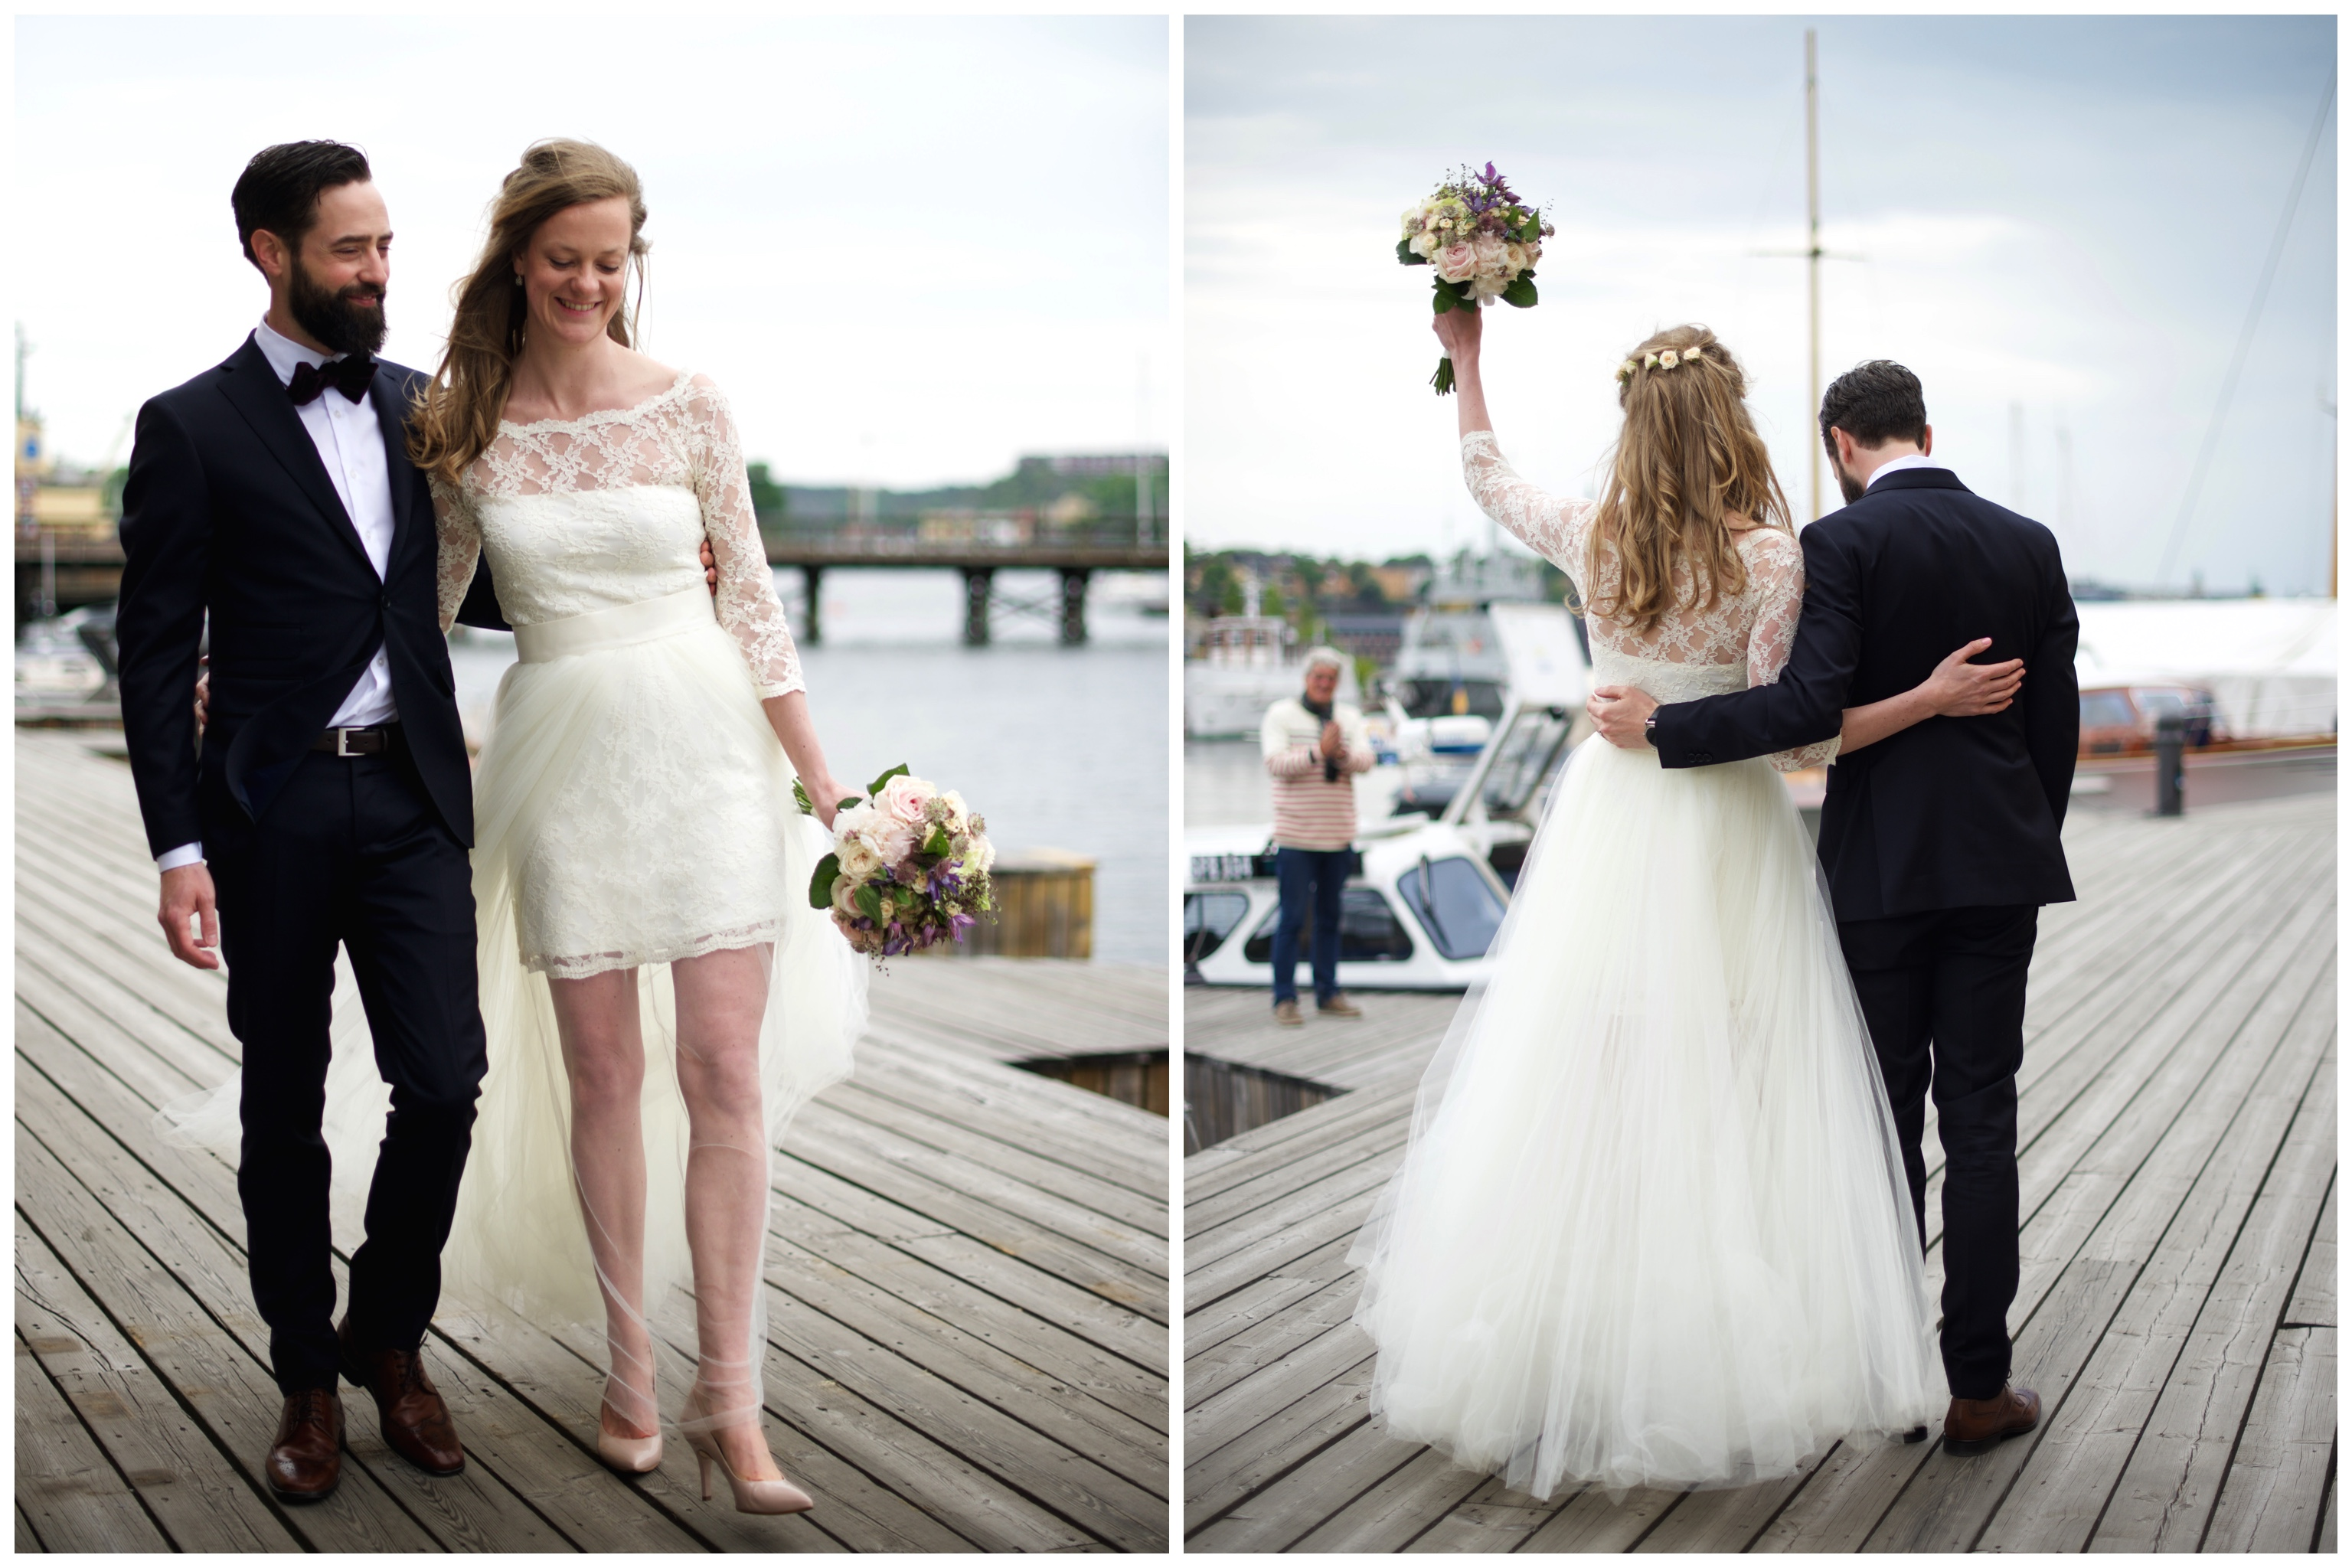 Promenad på bryggan som nygifta efter bröllop på Oaxen på Djurgården